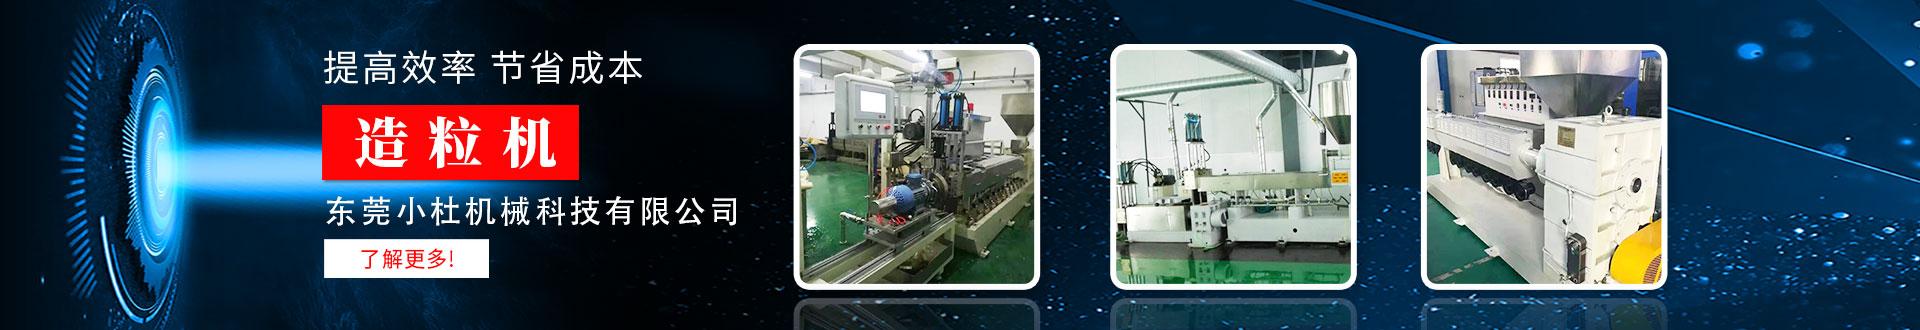 东莞小杜机械科技有限公司